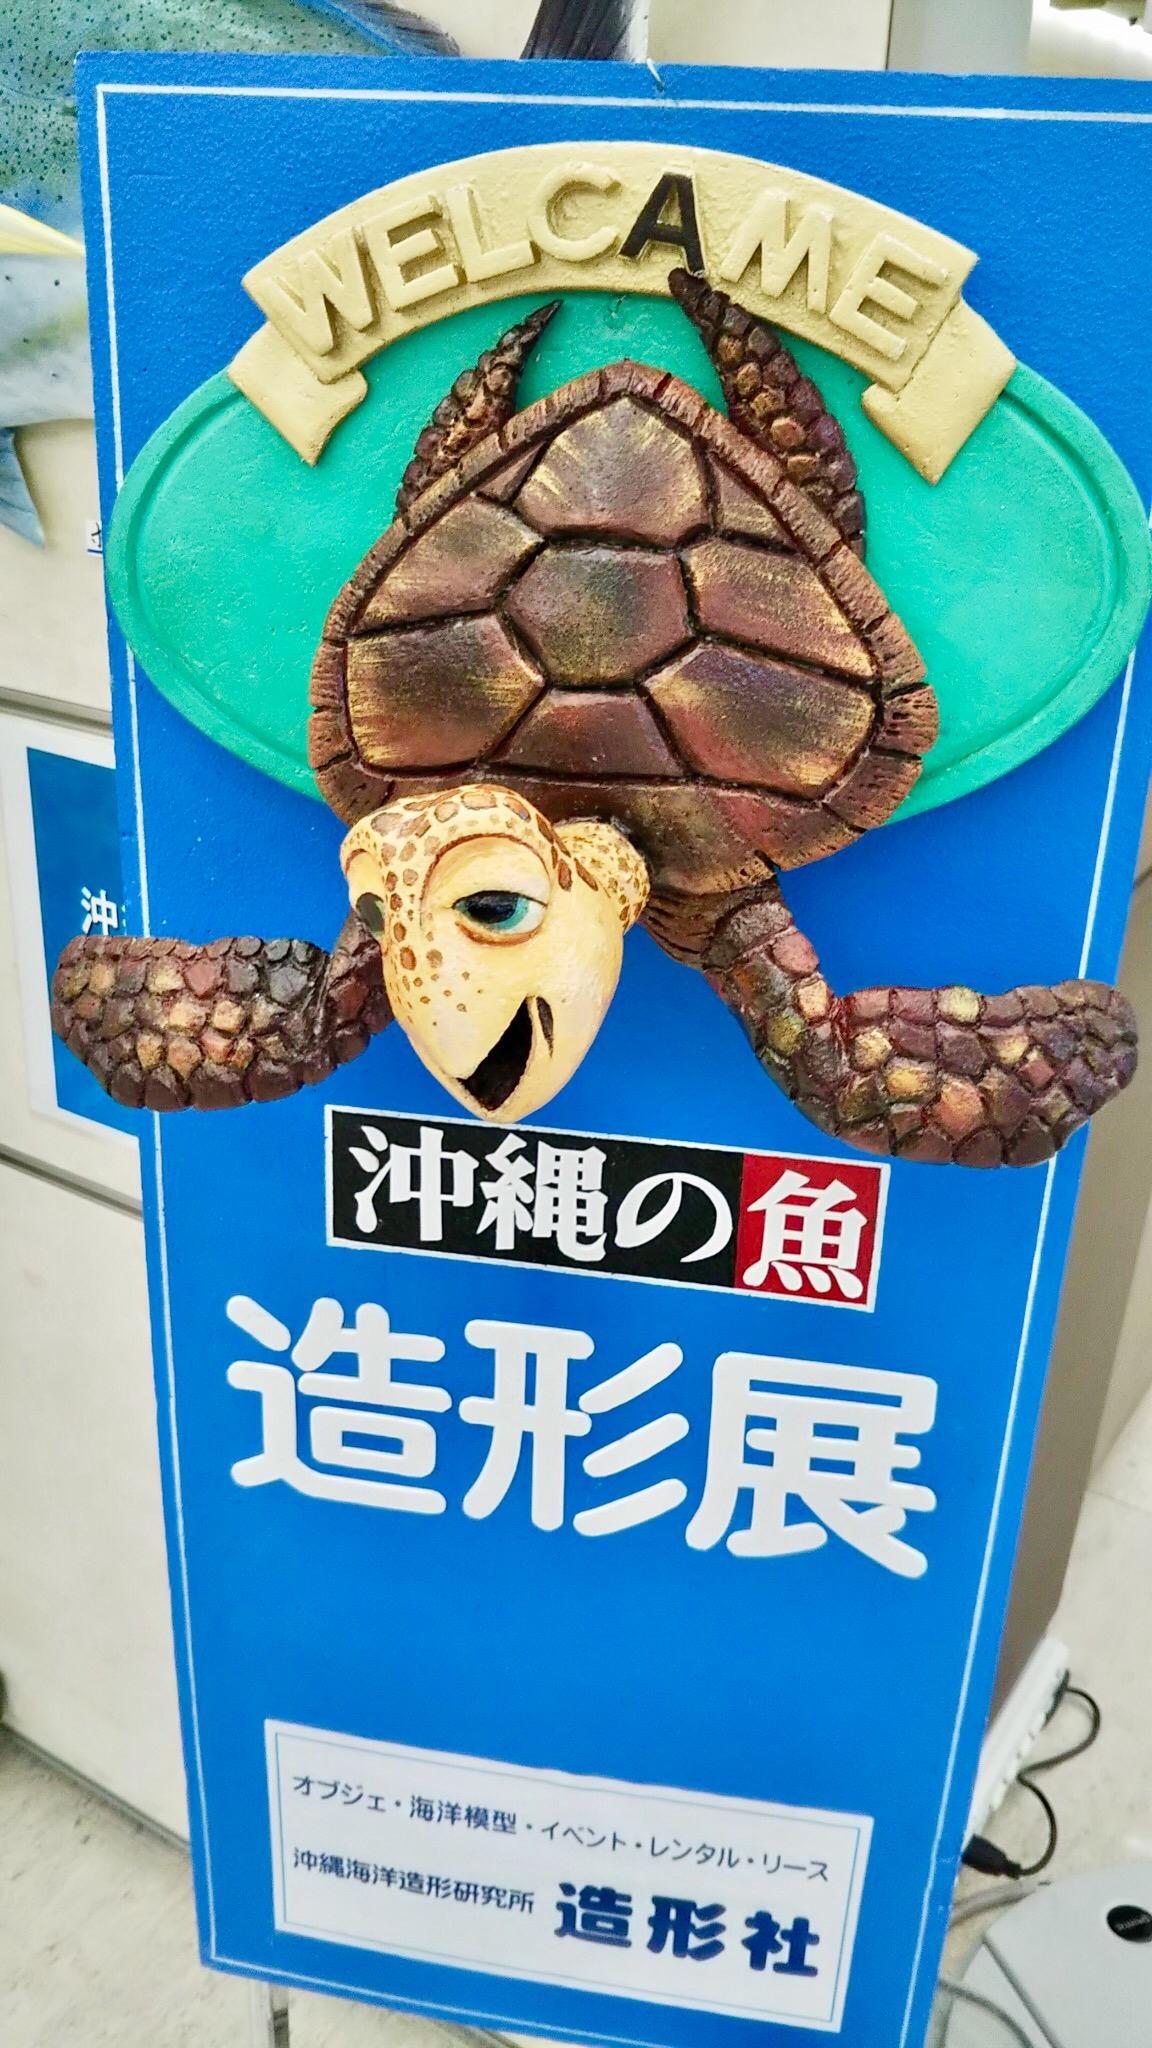 〜沖縄三大高級魚〜